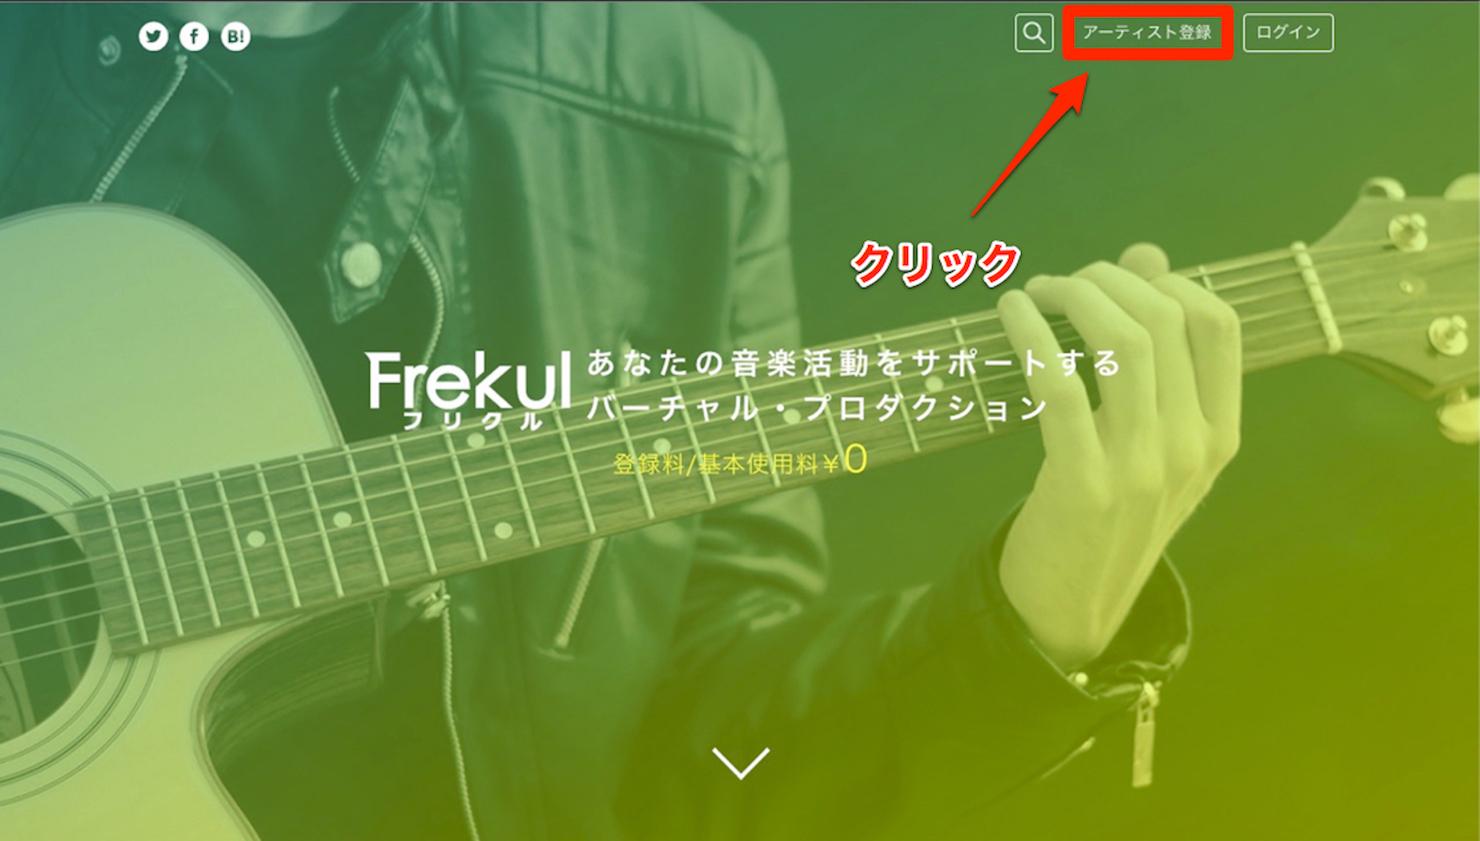 Frekul1